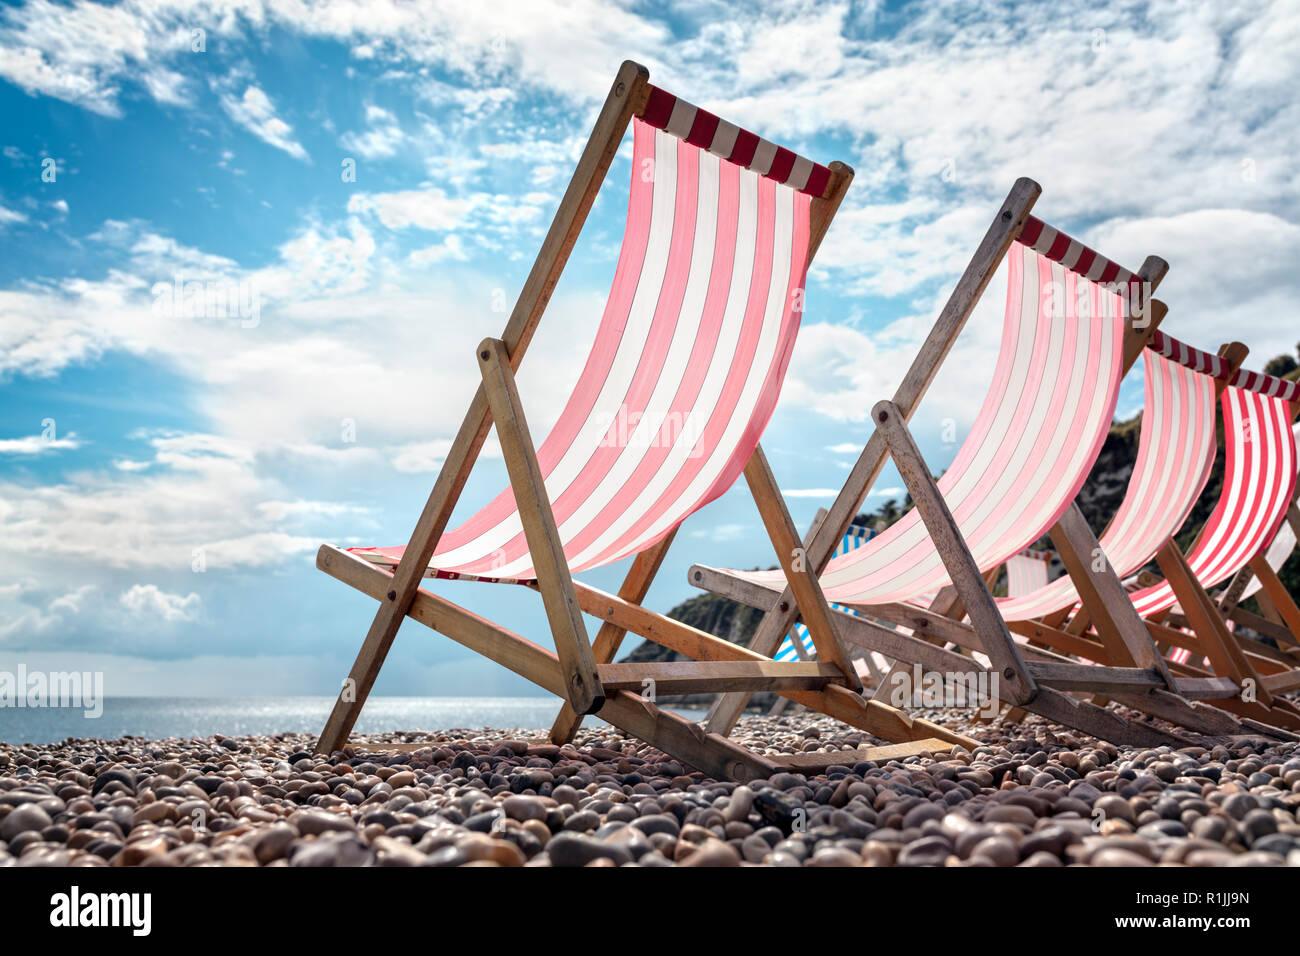 Transats sur la plage au bord de la mer, sur les vacances d'été Banque D'Images